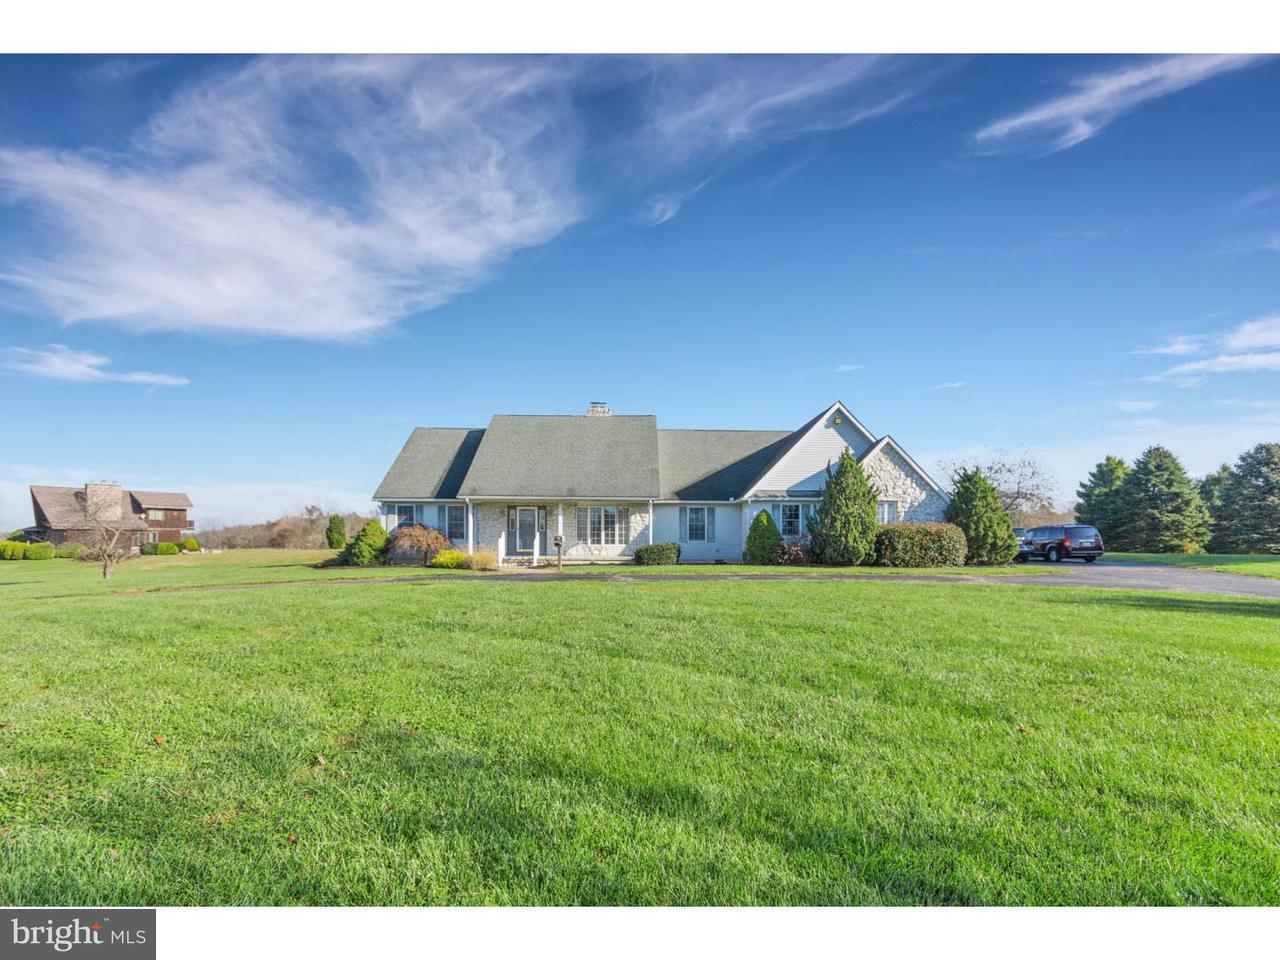 独户住宅 为 销售 在 242 WOODSTOWN DARETOWN Road Pilesgrove, 新泽西州 08098 美国